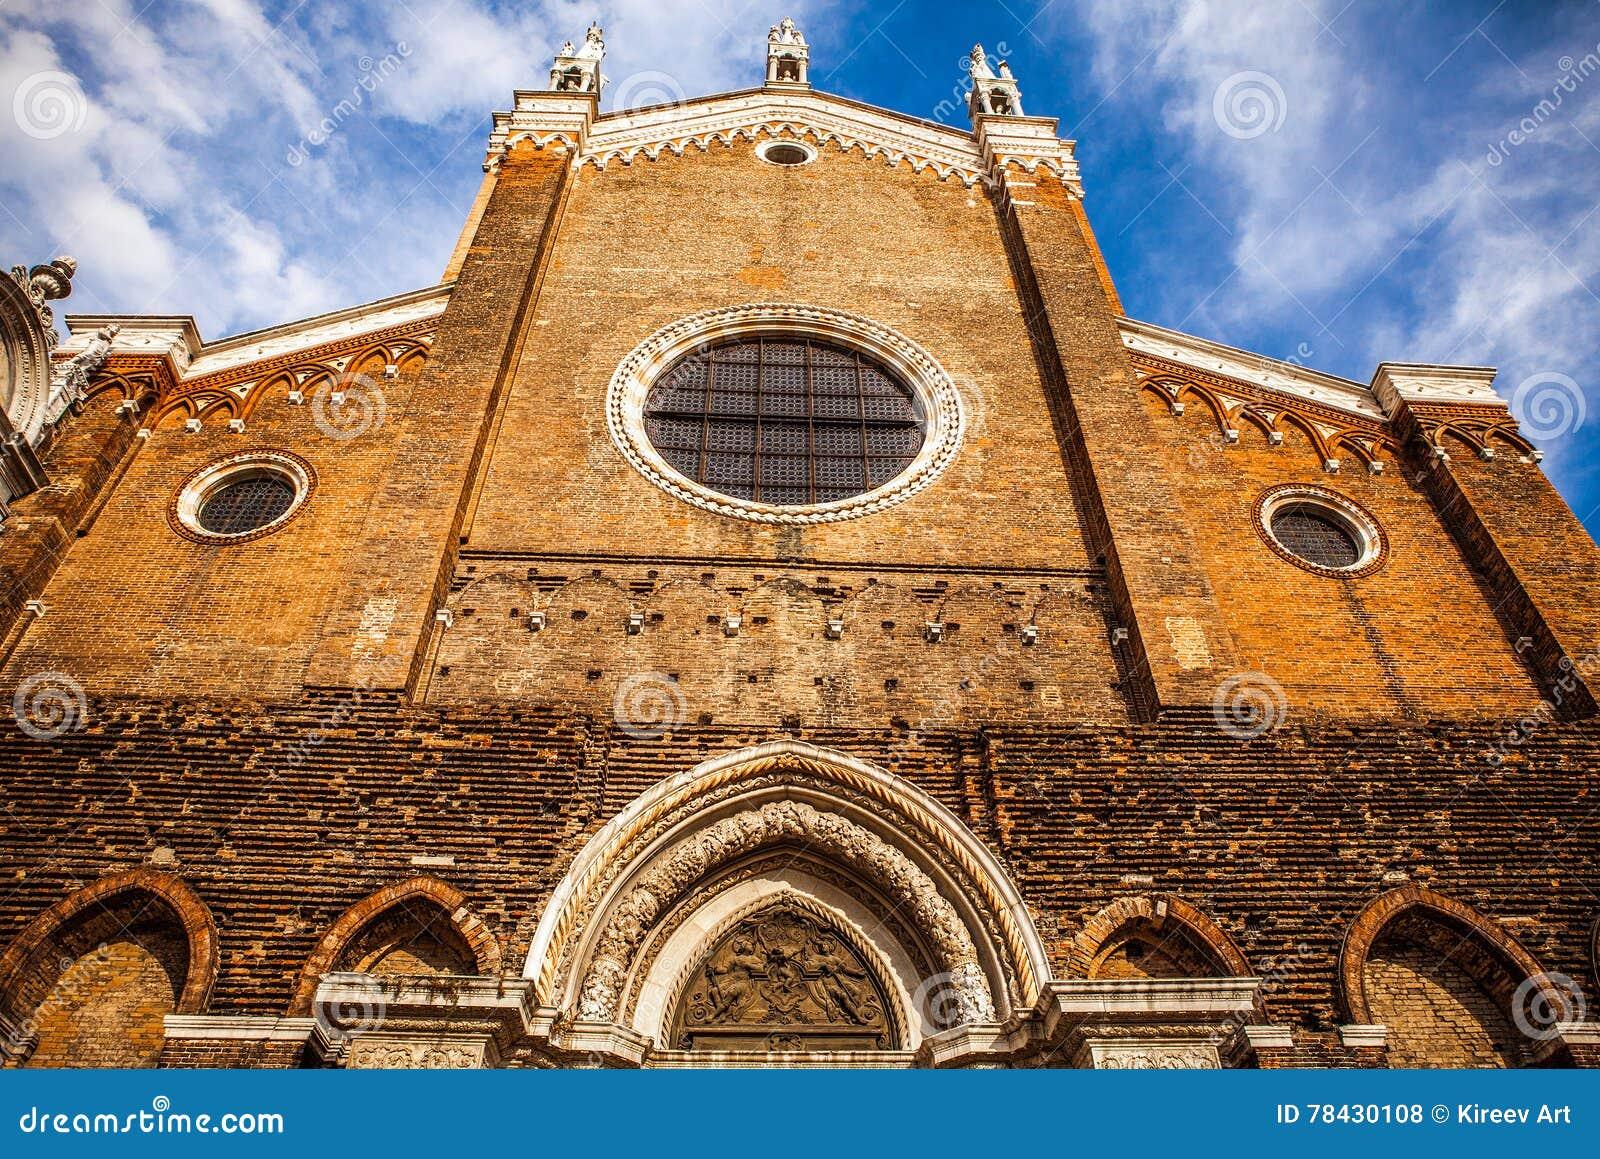 VENETIË, ITALIË - AUGUSTUS 20, 2016: Beroemde architecturale monumenten en voorgevels van oud middeleeuws het eilandclose-up van